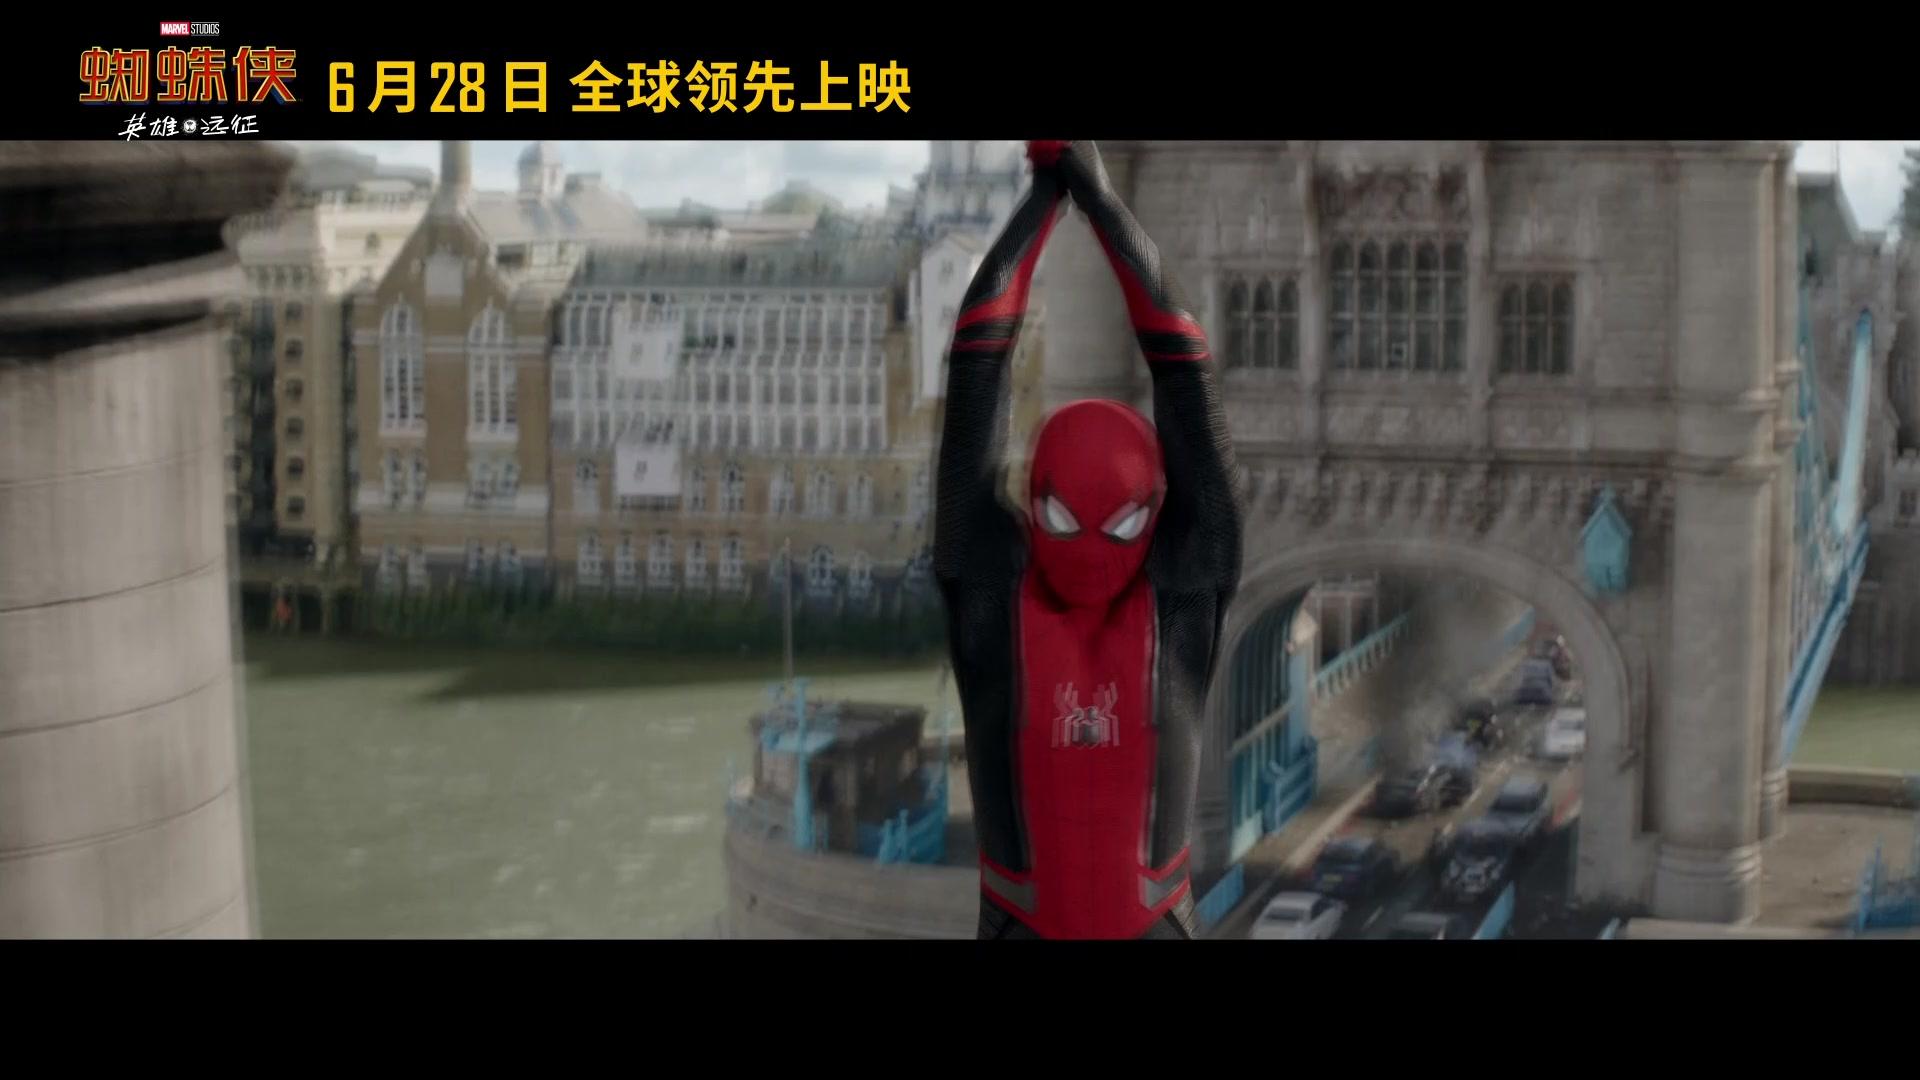 《蜘蛛侠:英雄远征》预告片